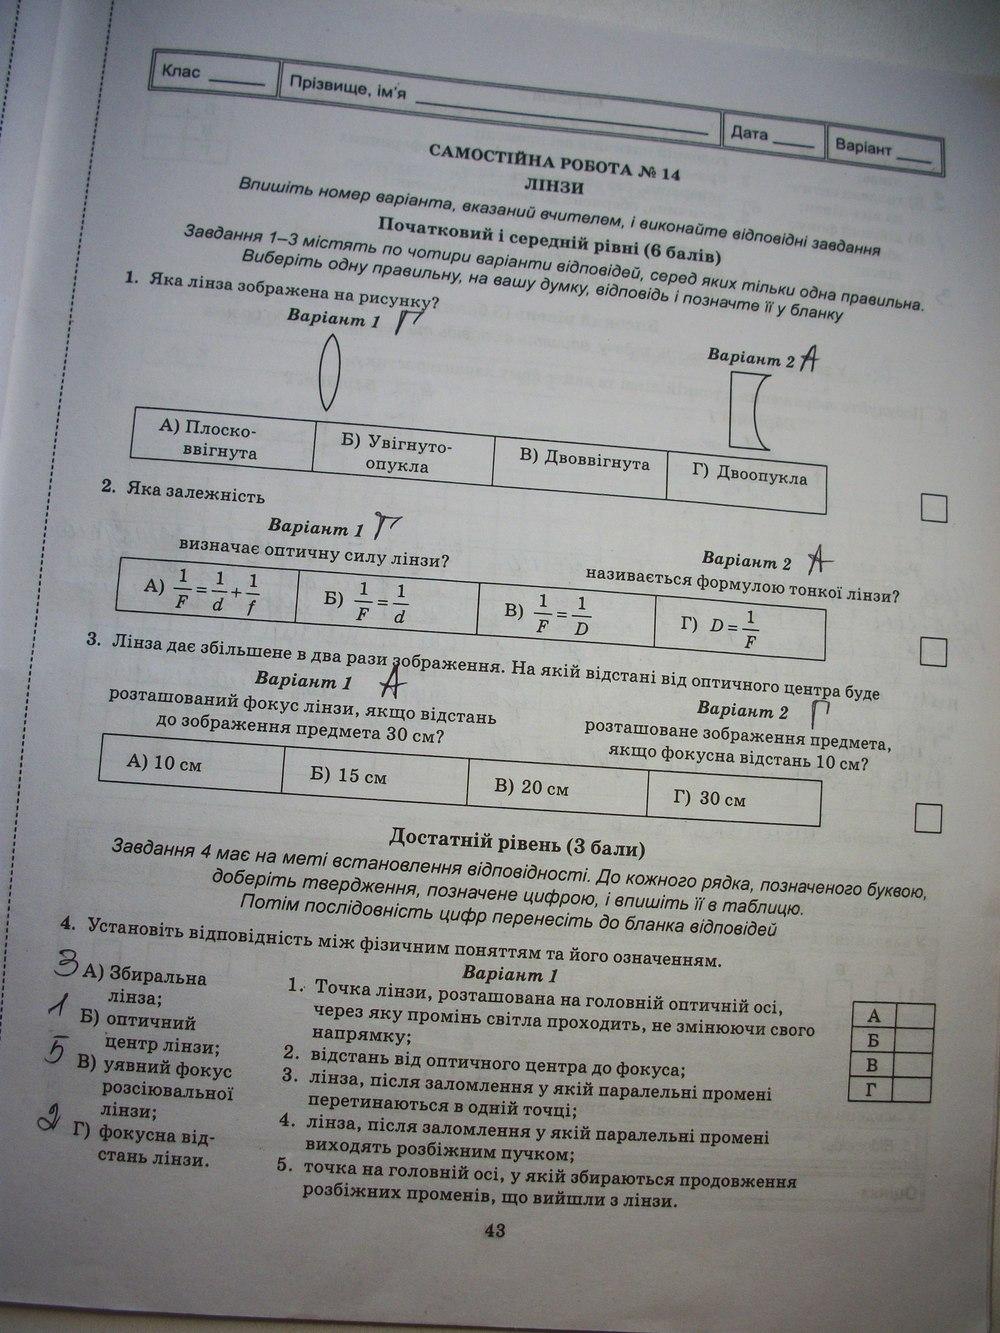 ГДЗ по физике 7 класс Чертіщева М. О.. Задание: стр. 43